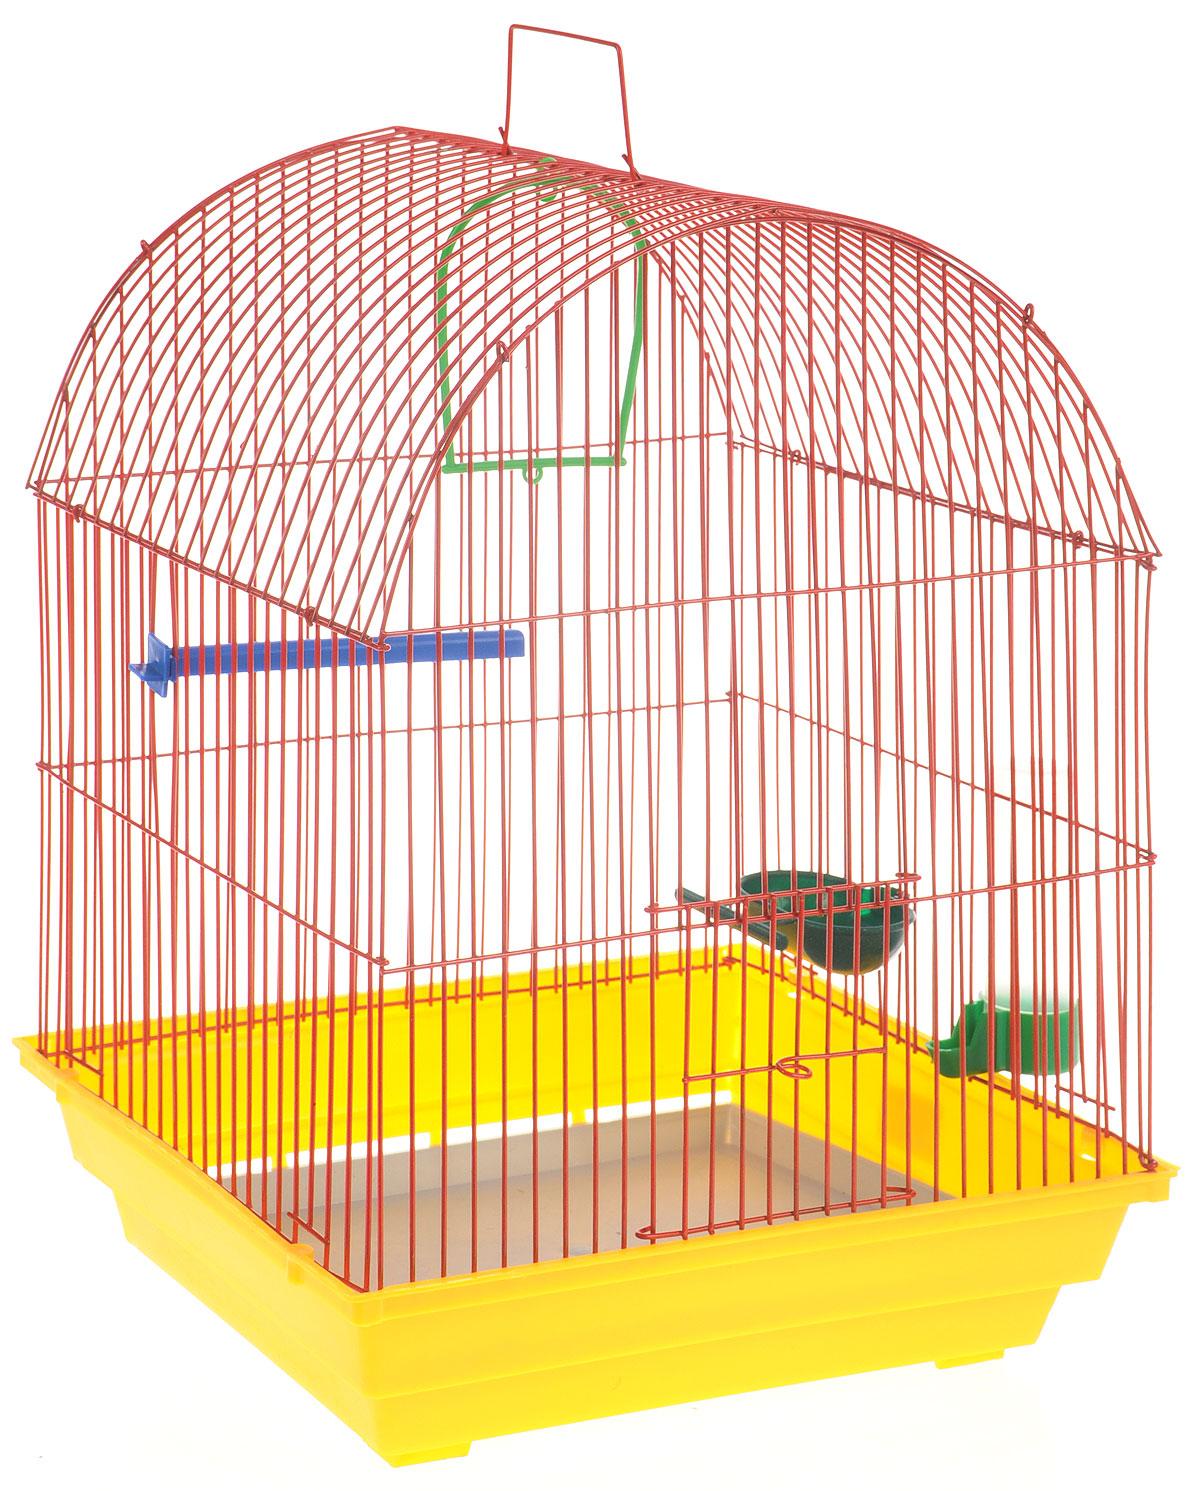 Клетка для птиц ЗооМарк, цвет: желтый поддон, красная решетка, 35 х 28 х 44,5 см440ЖККлетка ЗооМарк, выполненная из полипропилена и металла с эмалированным покрытием, предназначена для мелких птиц. Изделие состоит из большого поддона и решетки. Клетка снабжена металлической дверцей. В основании клетки находится малый поддон. Клетка удобна в использовании и легко чистится. Она оснащена жердочкой, кольцом для птицы, поилкой, кормушкой и подвижной ручкой для удобной переноски.